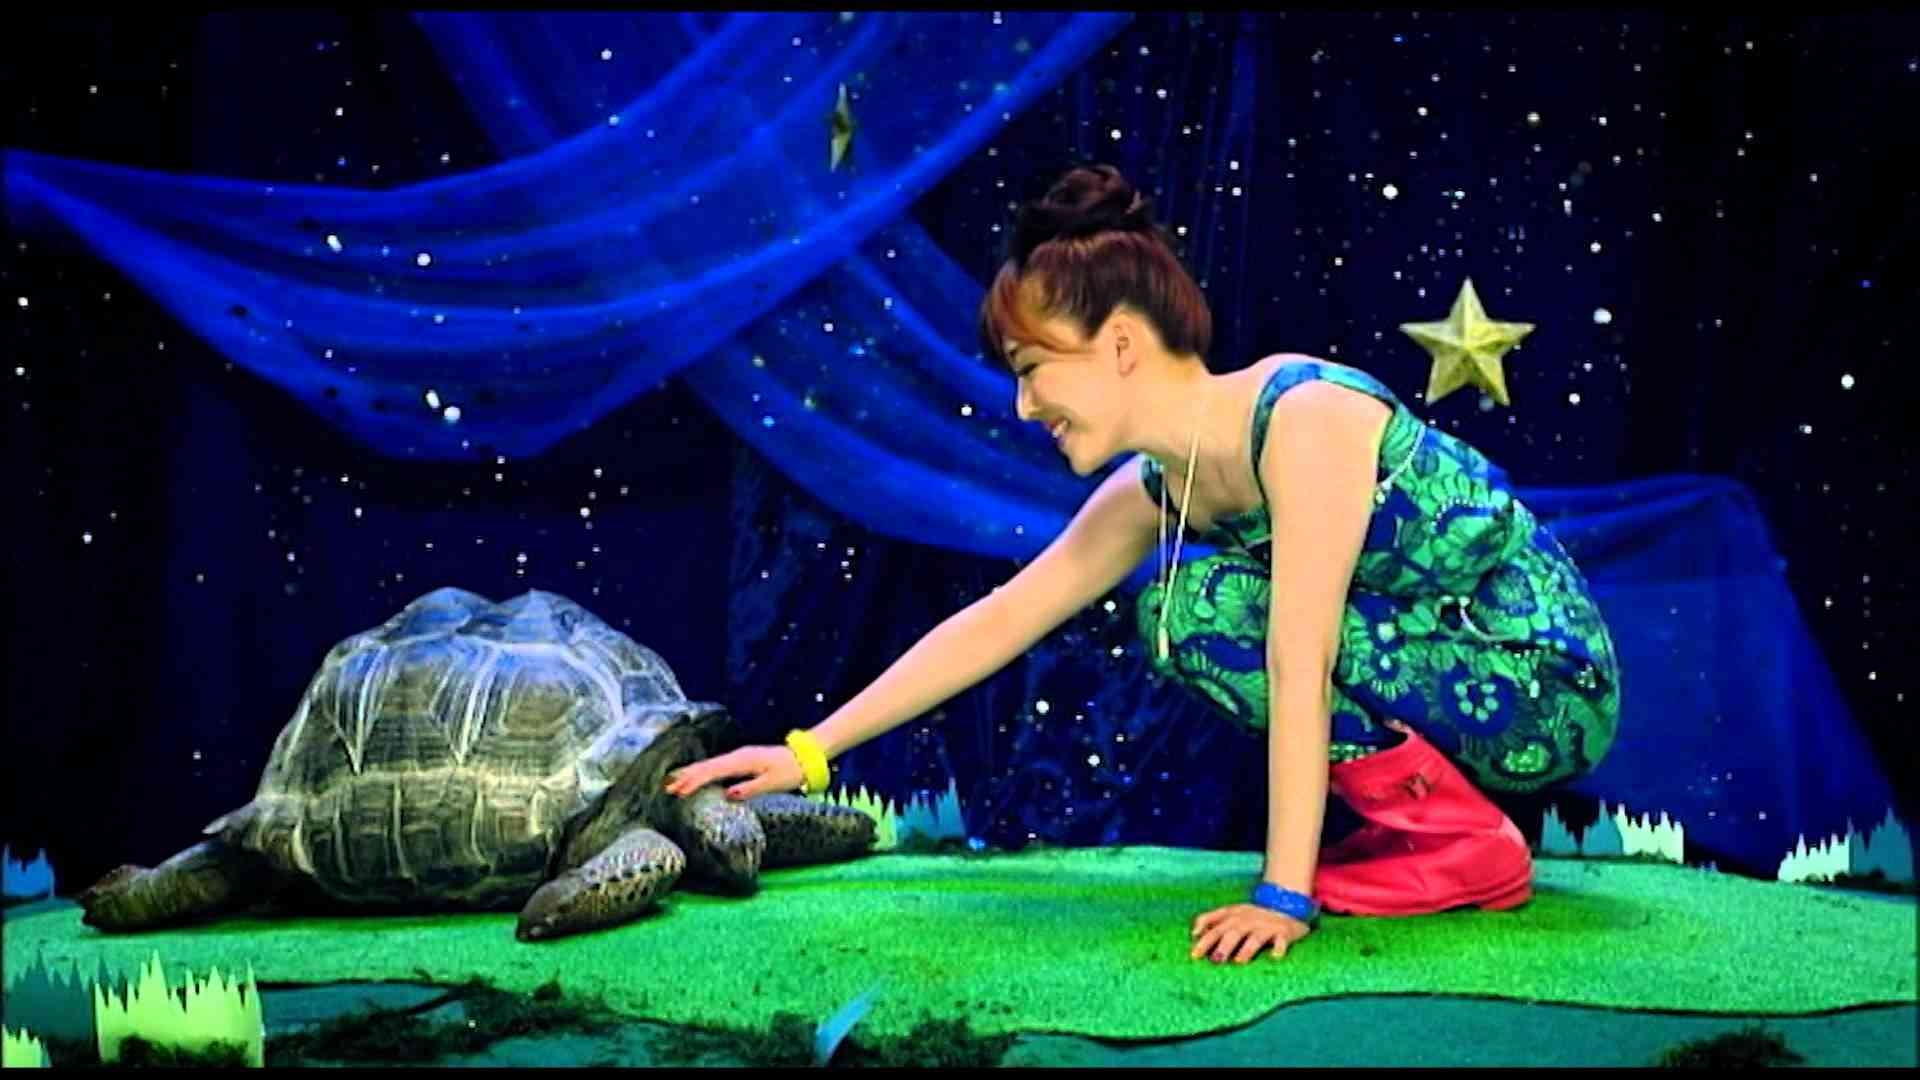 【期間限定】平原綾香 「スマイル スマイル」 ミュージックビデオフル - YouTube